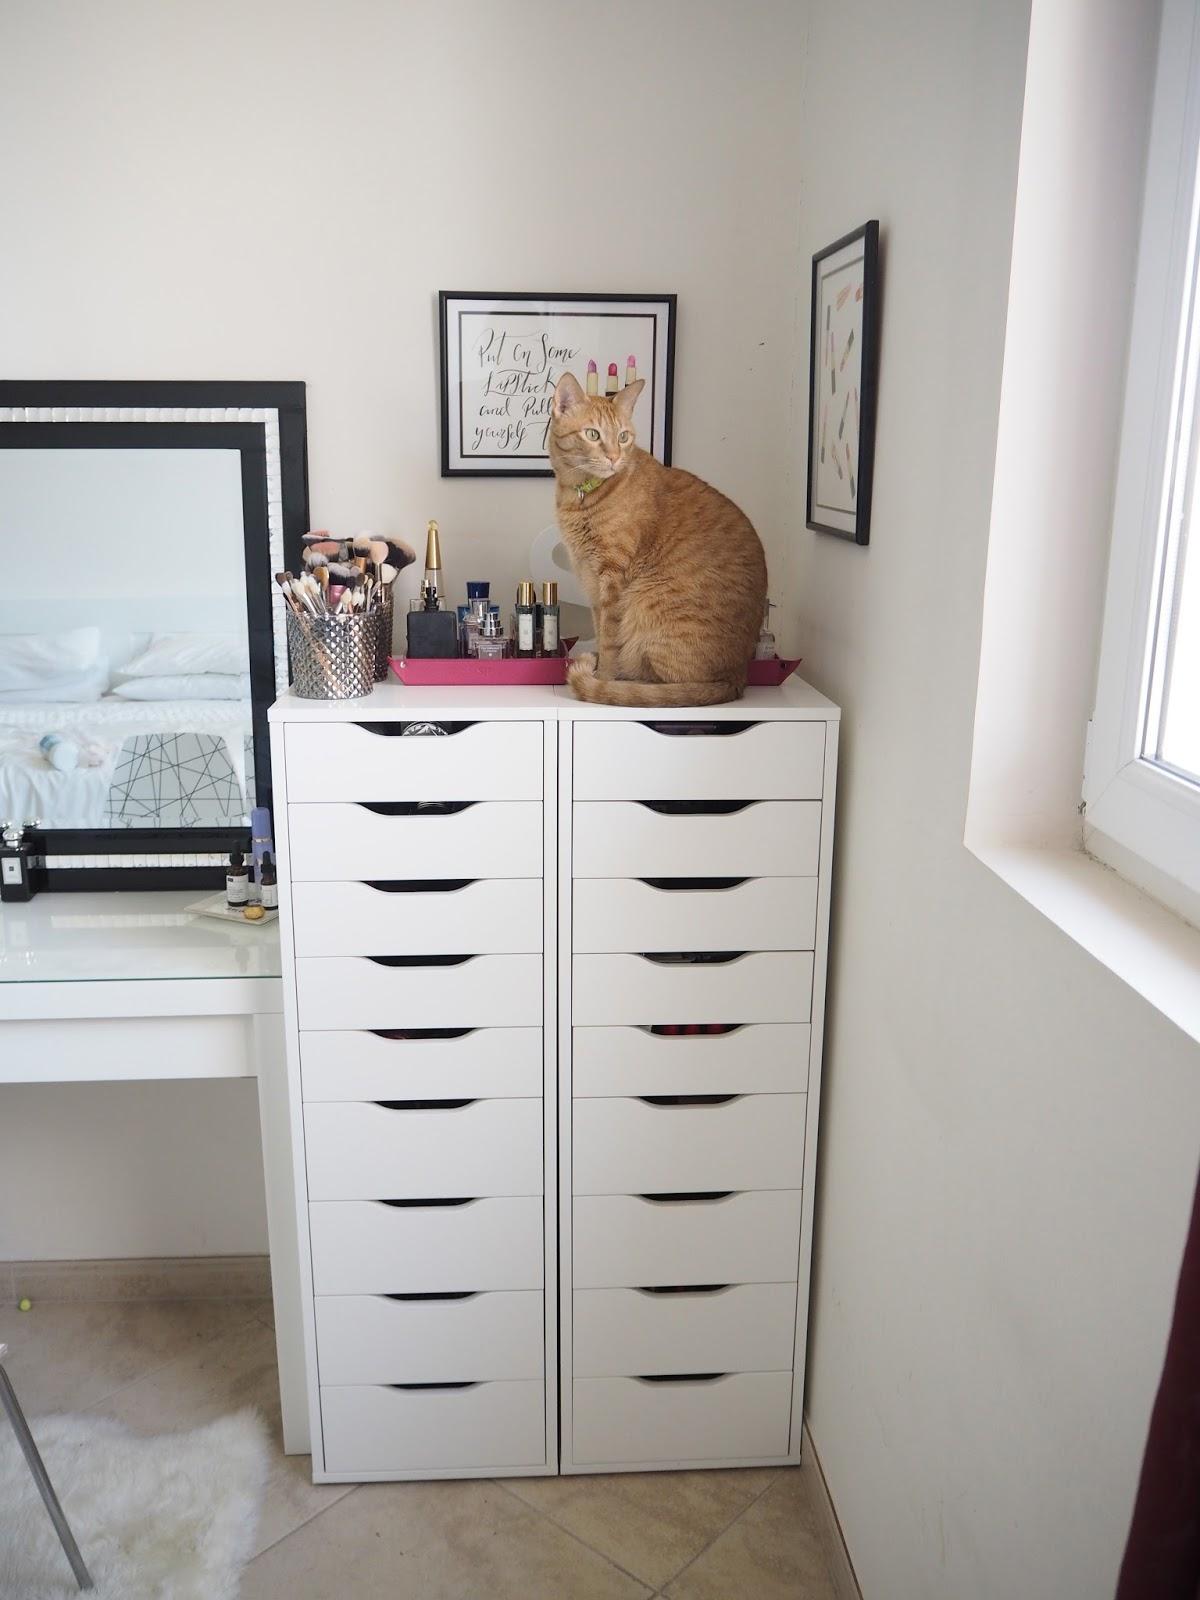 ikea alex drawer makeup vanity mugeek vidalondon. Black Bedroom Furniture Sets. Home Design Ideas